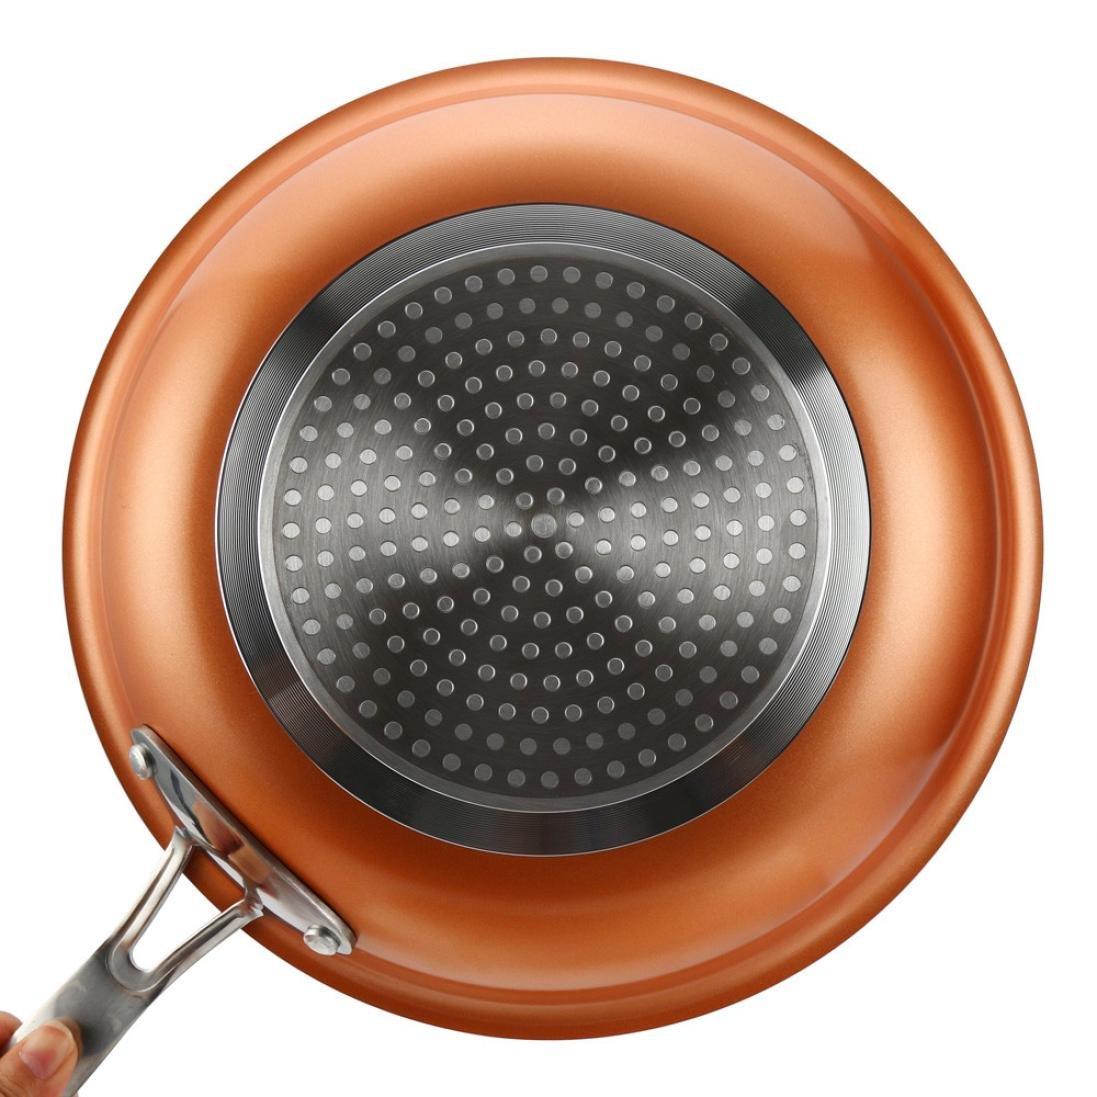 Antiadherente cacerola, hunpta cobre antiadherente sartén con revestimiento de cerámica y de inducción para cocinar en el horno seguro -- 24 * 24 * 4.3 CM/9 ...